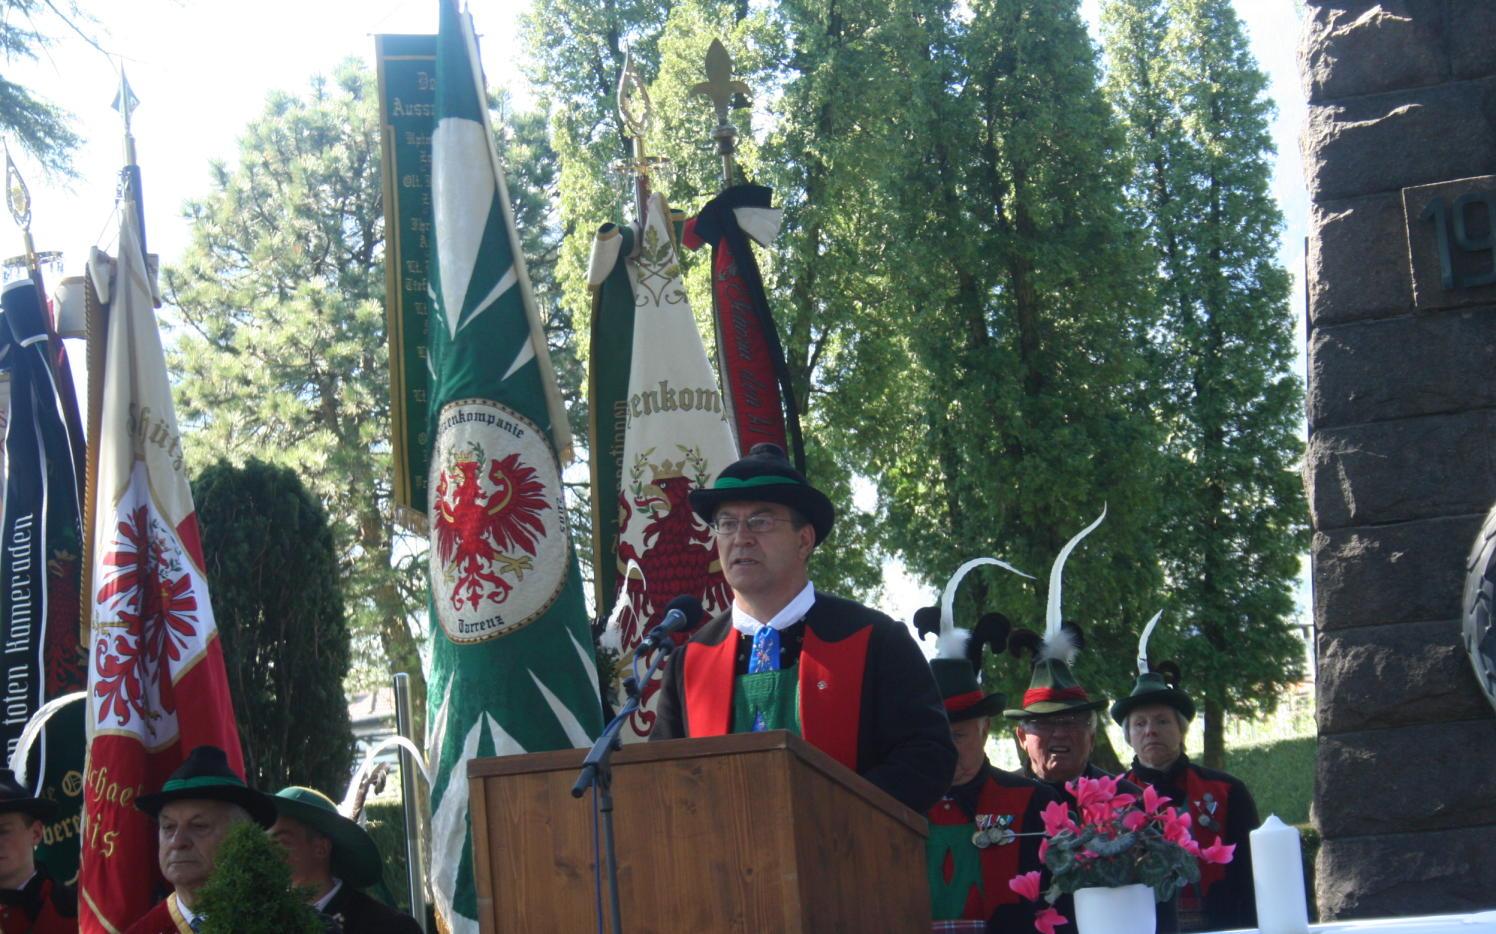 2015_Meran_Bezirk Gedenkfeier Soldatenfriedhof 19